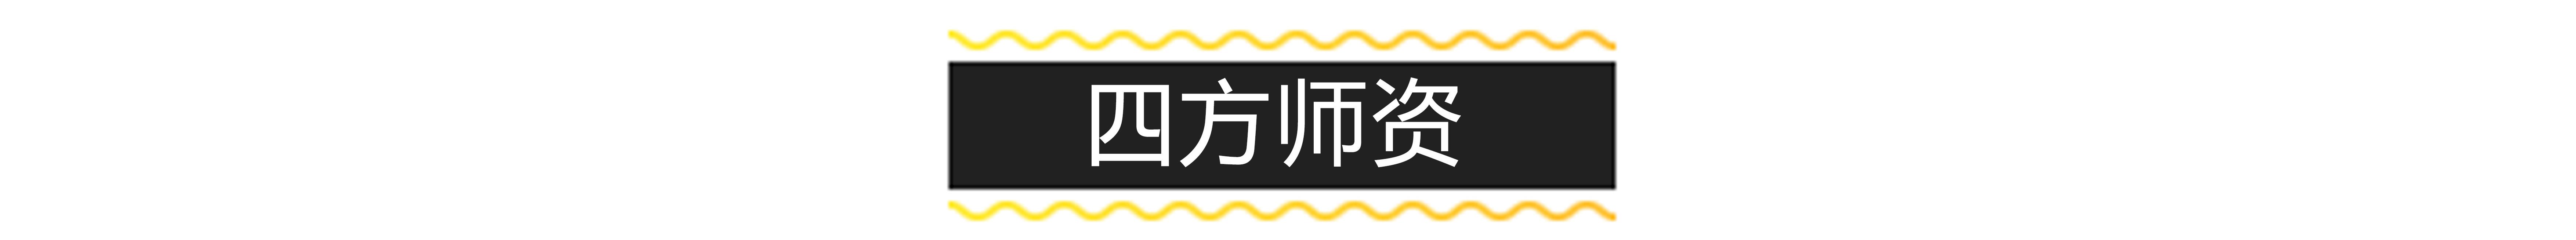 四方师资.jpg